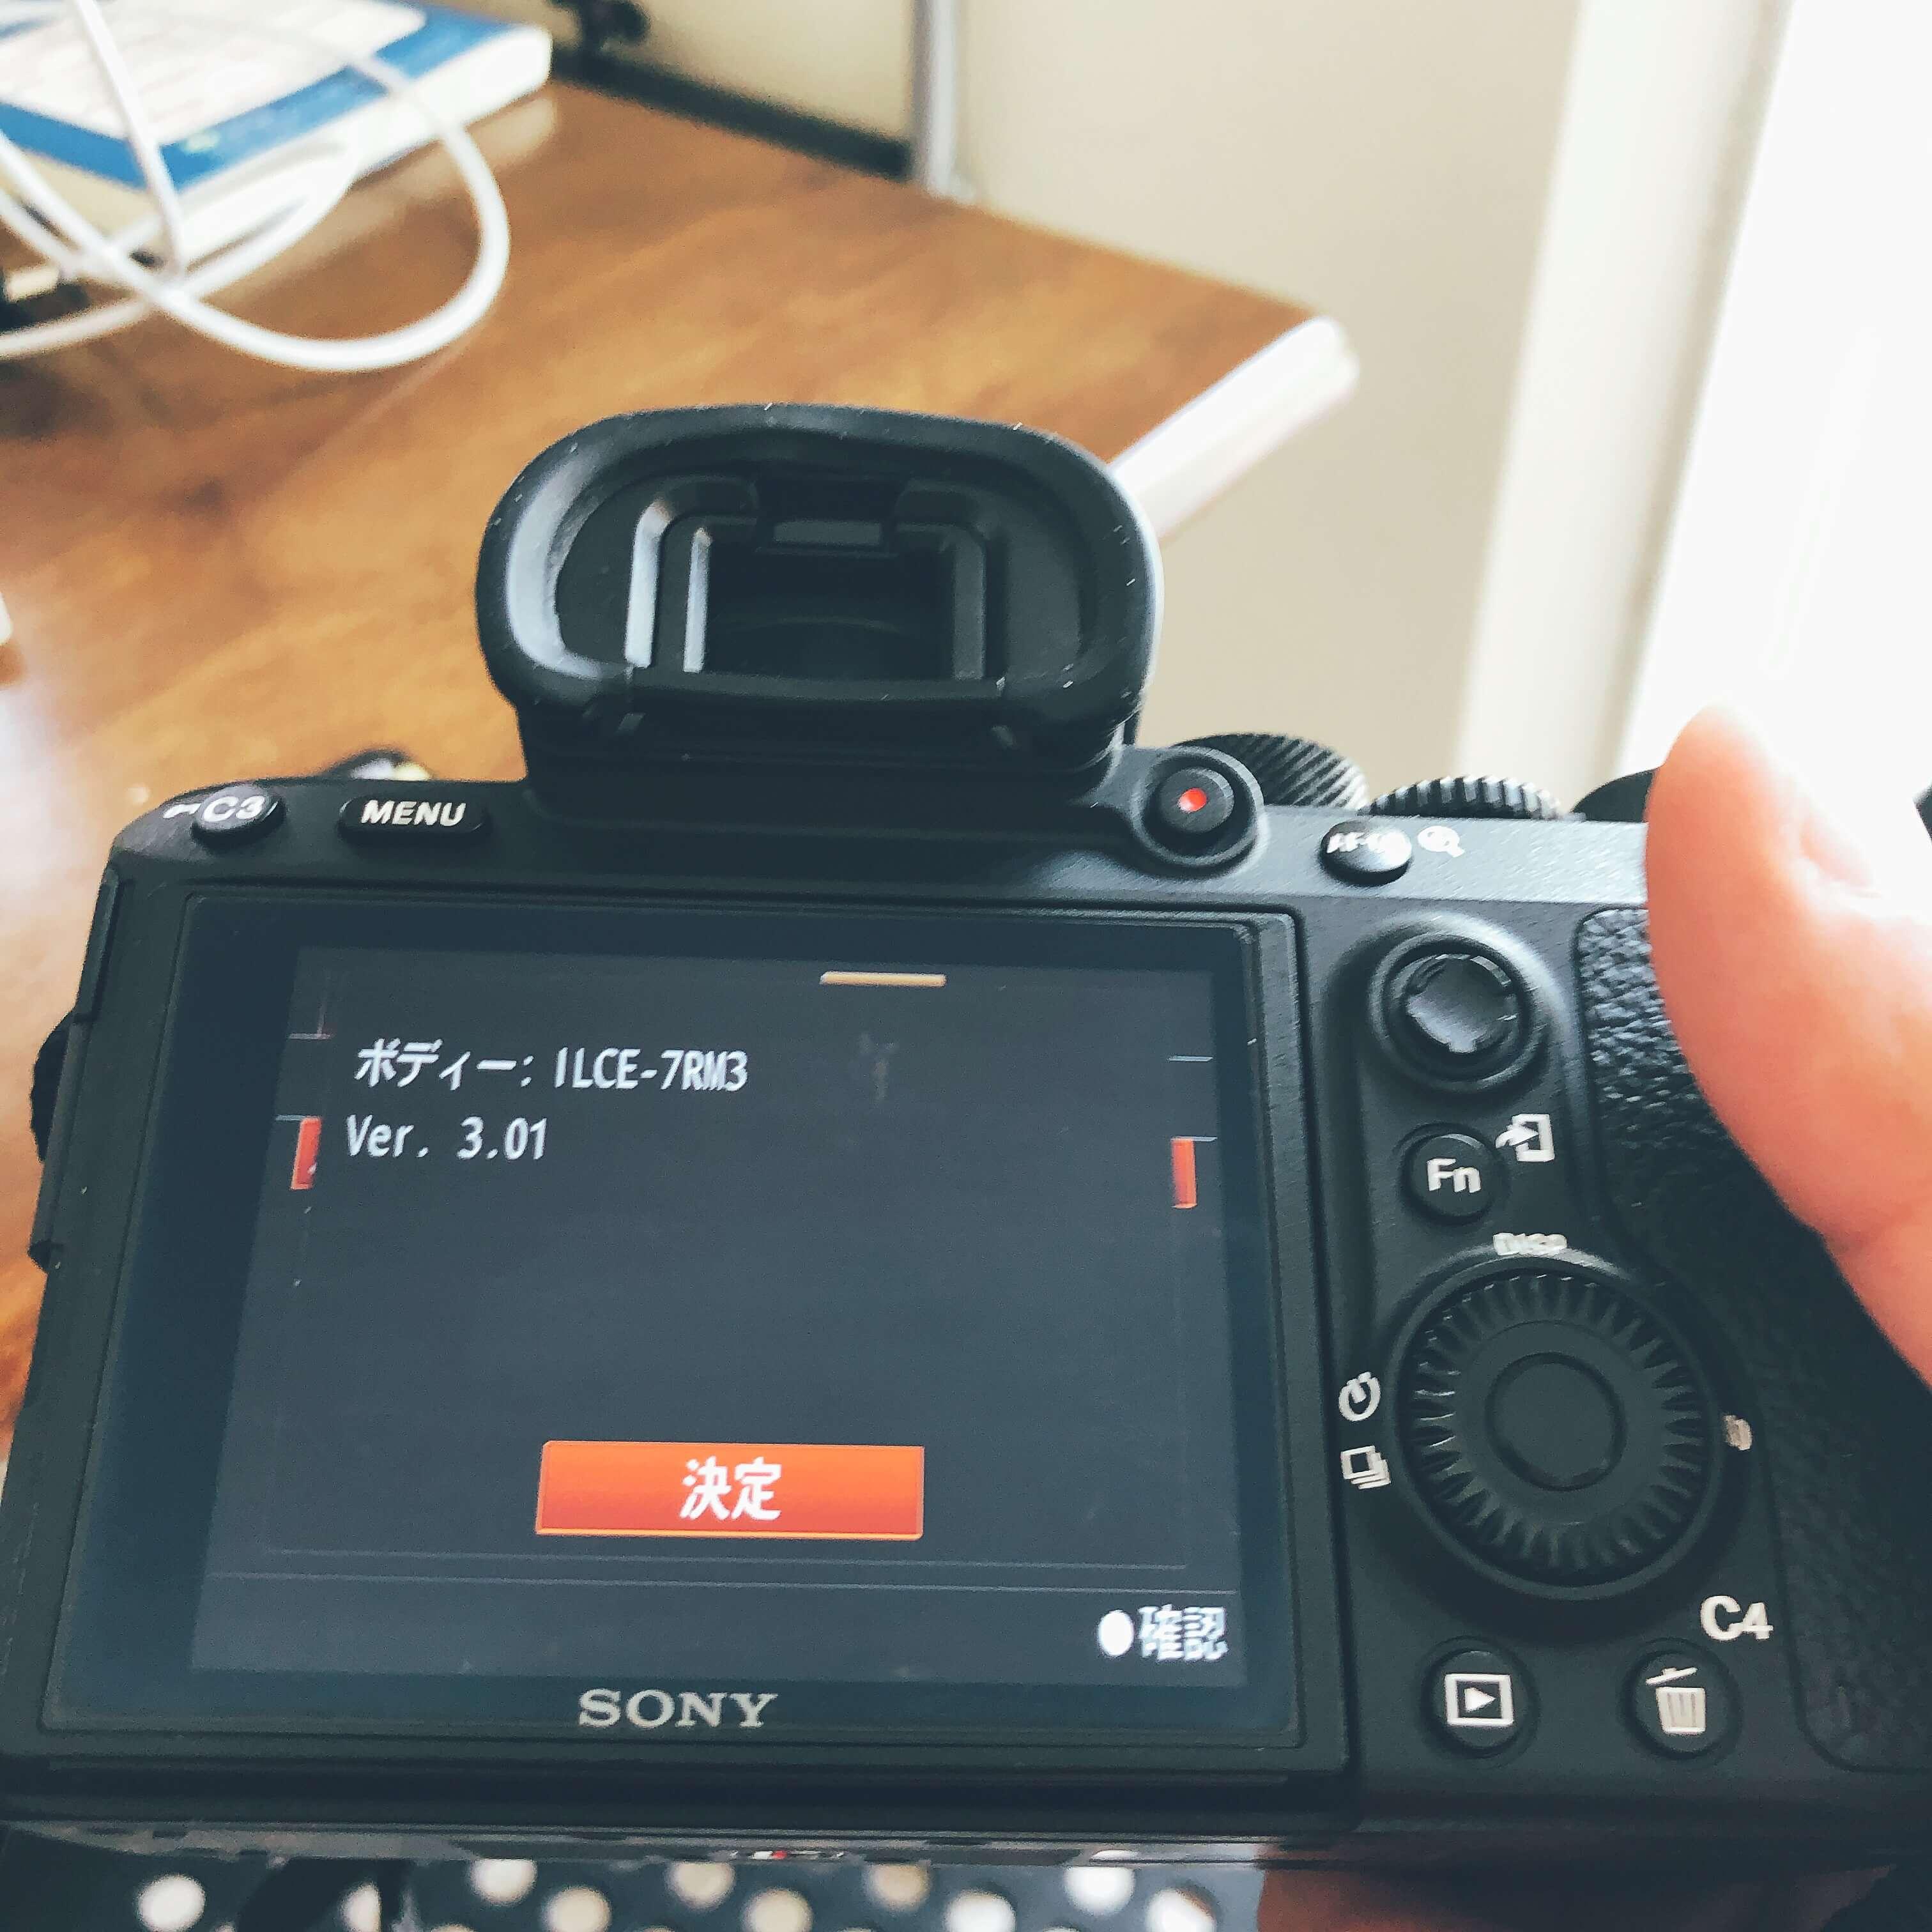 sony一眼レフカメラのバージョン確認